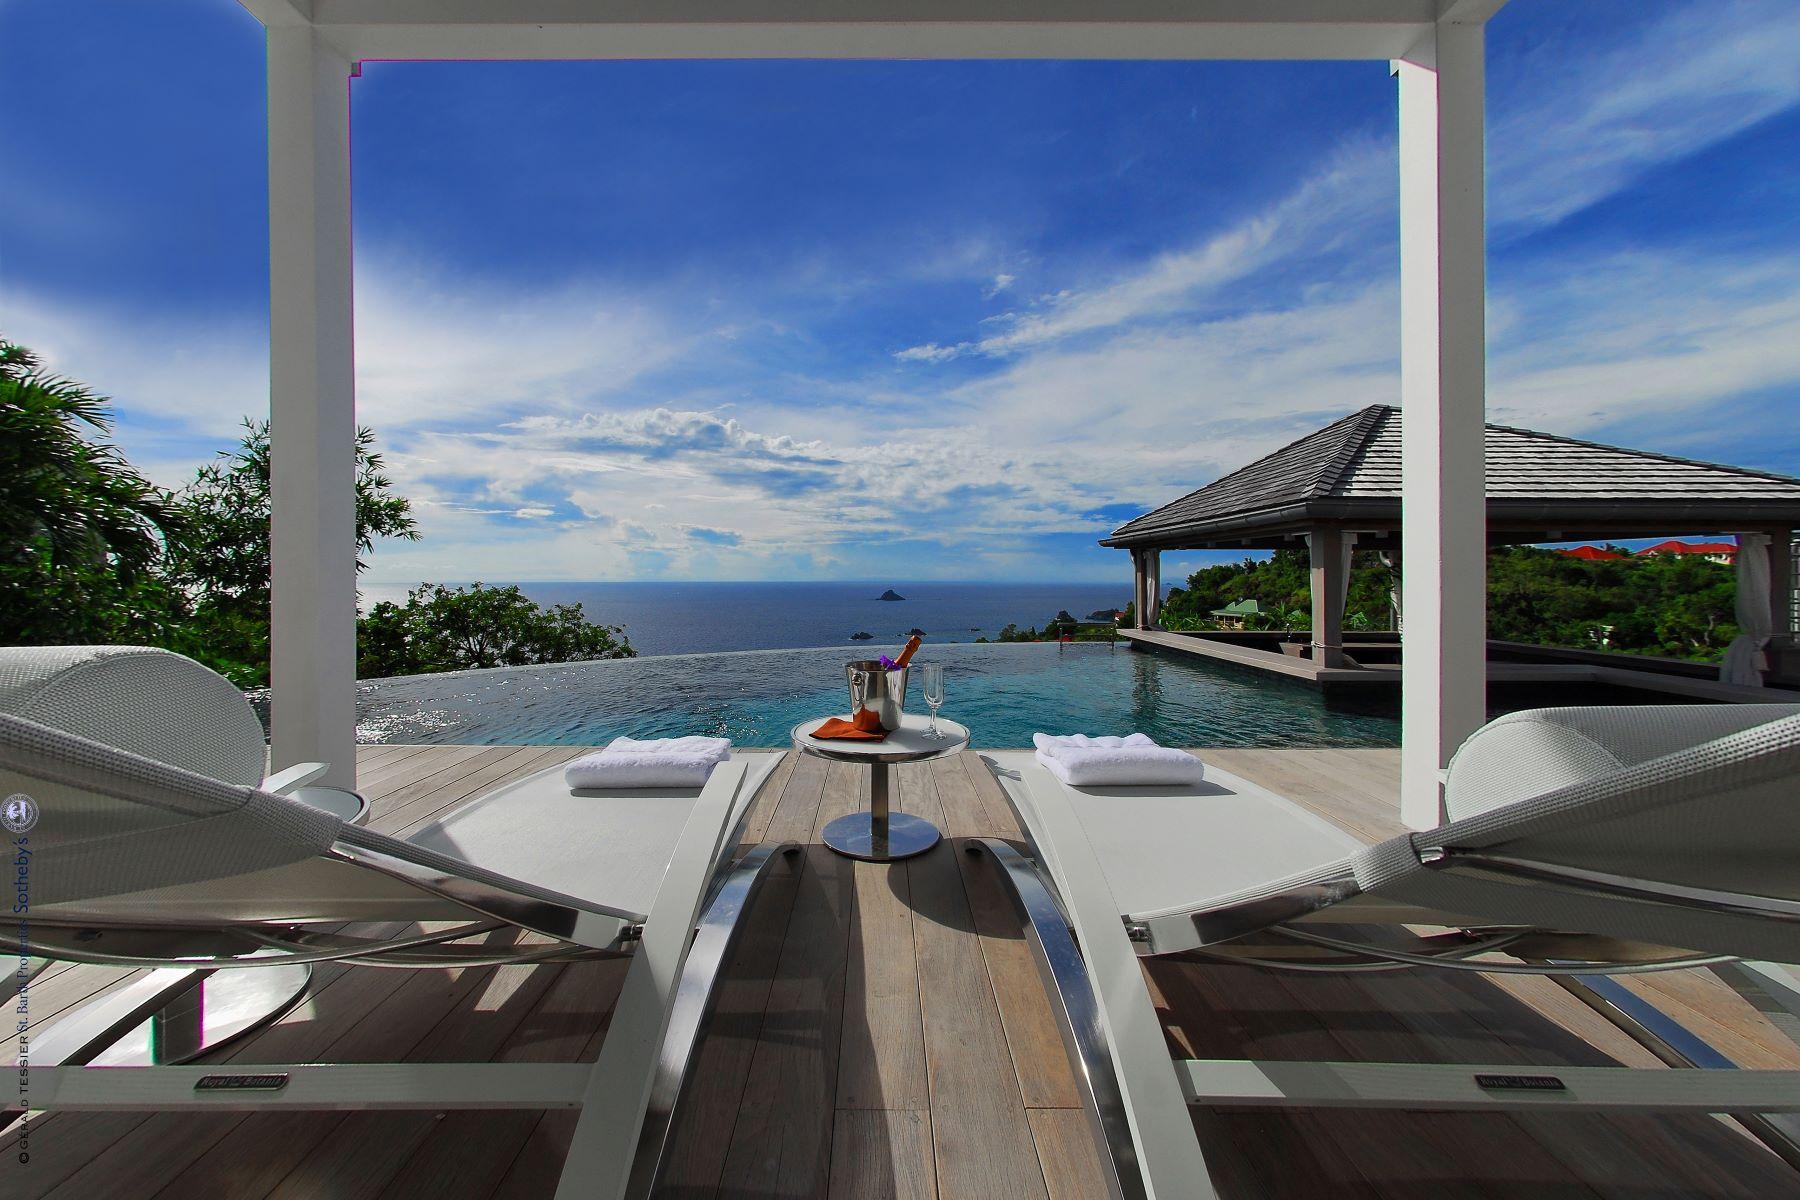 独户住宅 为 销售 在 Villa Fleur de Cactus 圣巴托洛缪岛其他地方·, 97133 圣巴泰勒米岛